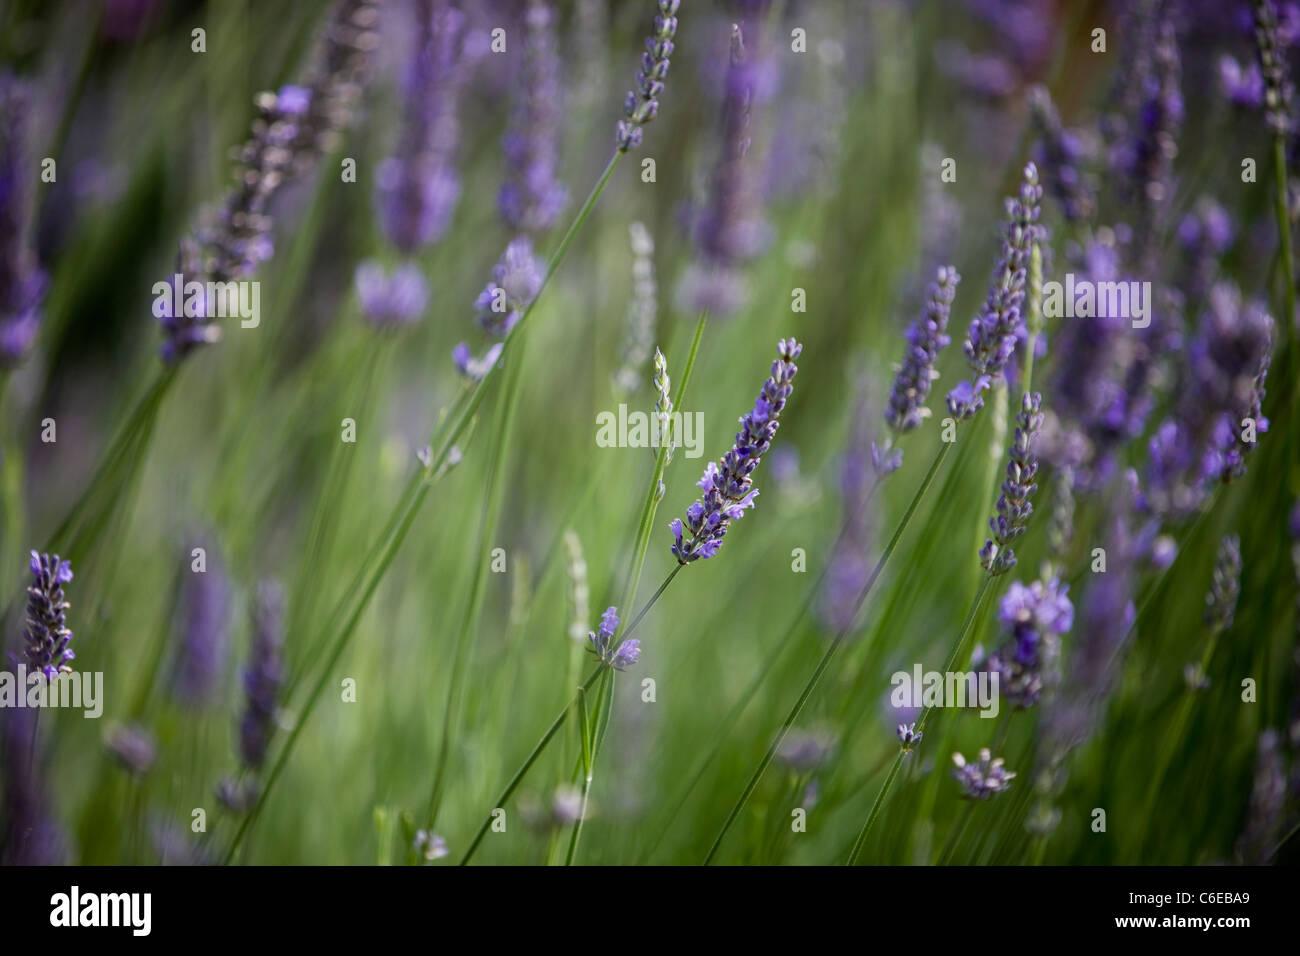 Lavender in flower in summertime, Lavandula angustifolia - Stock Image